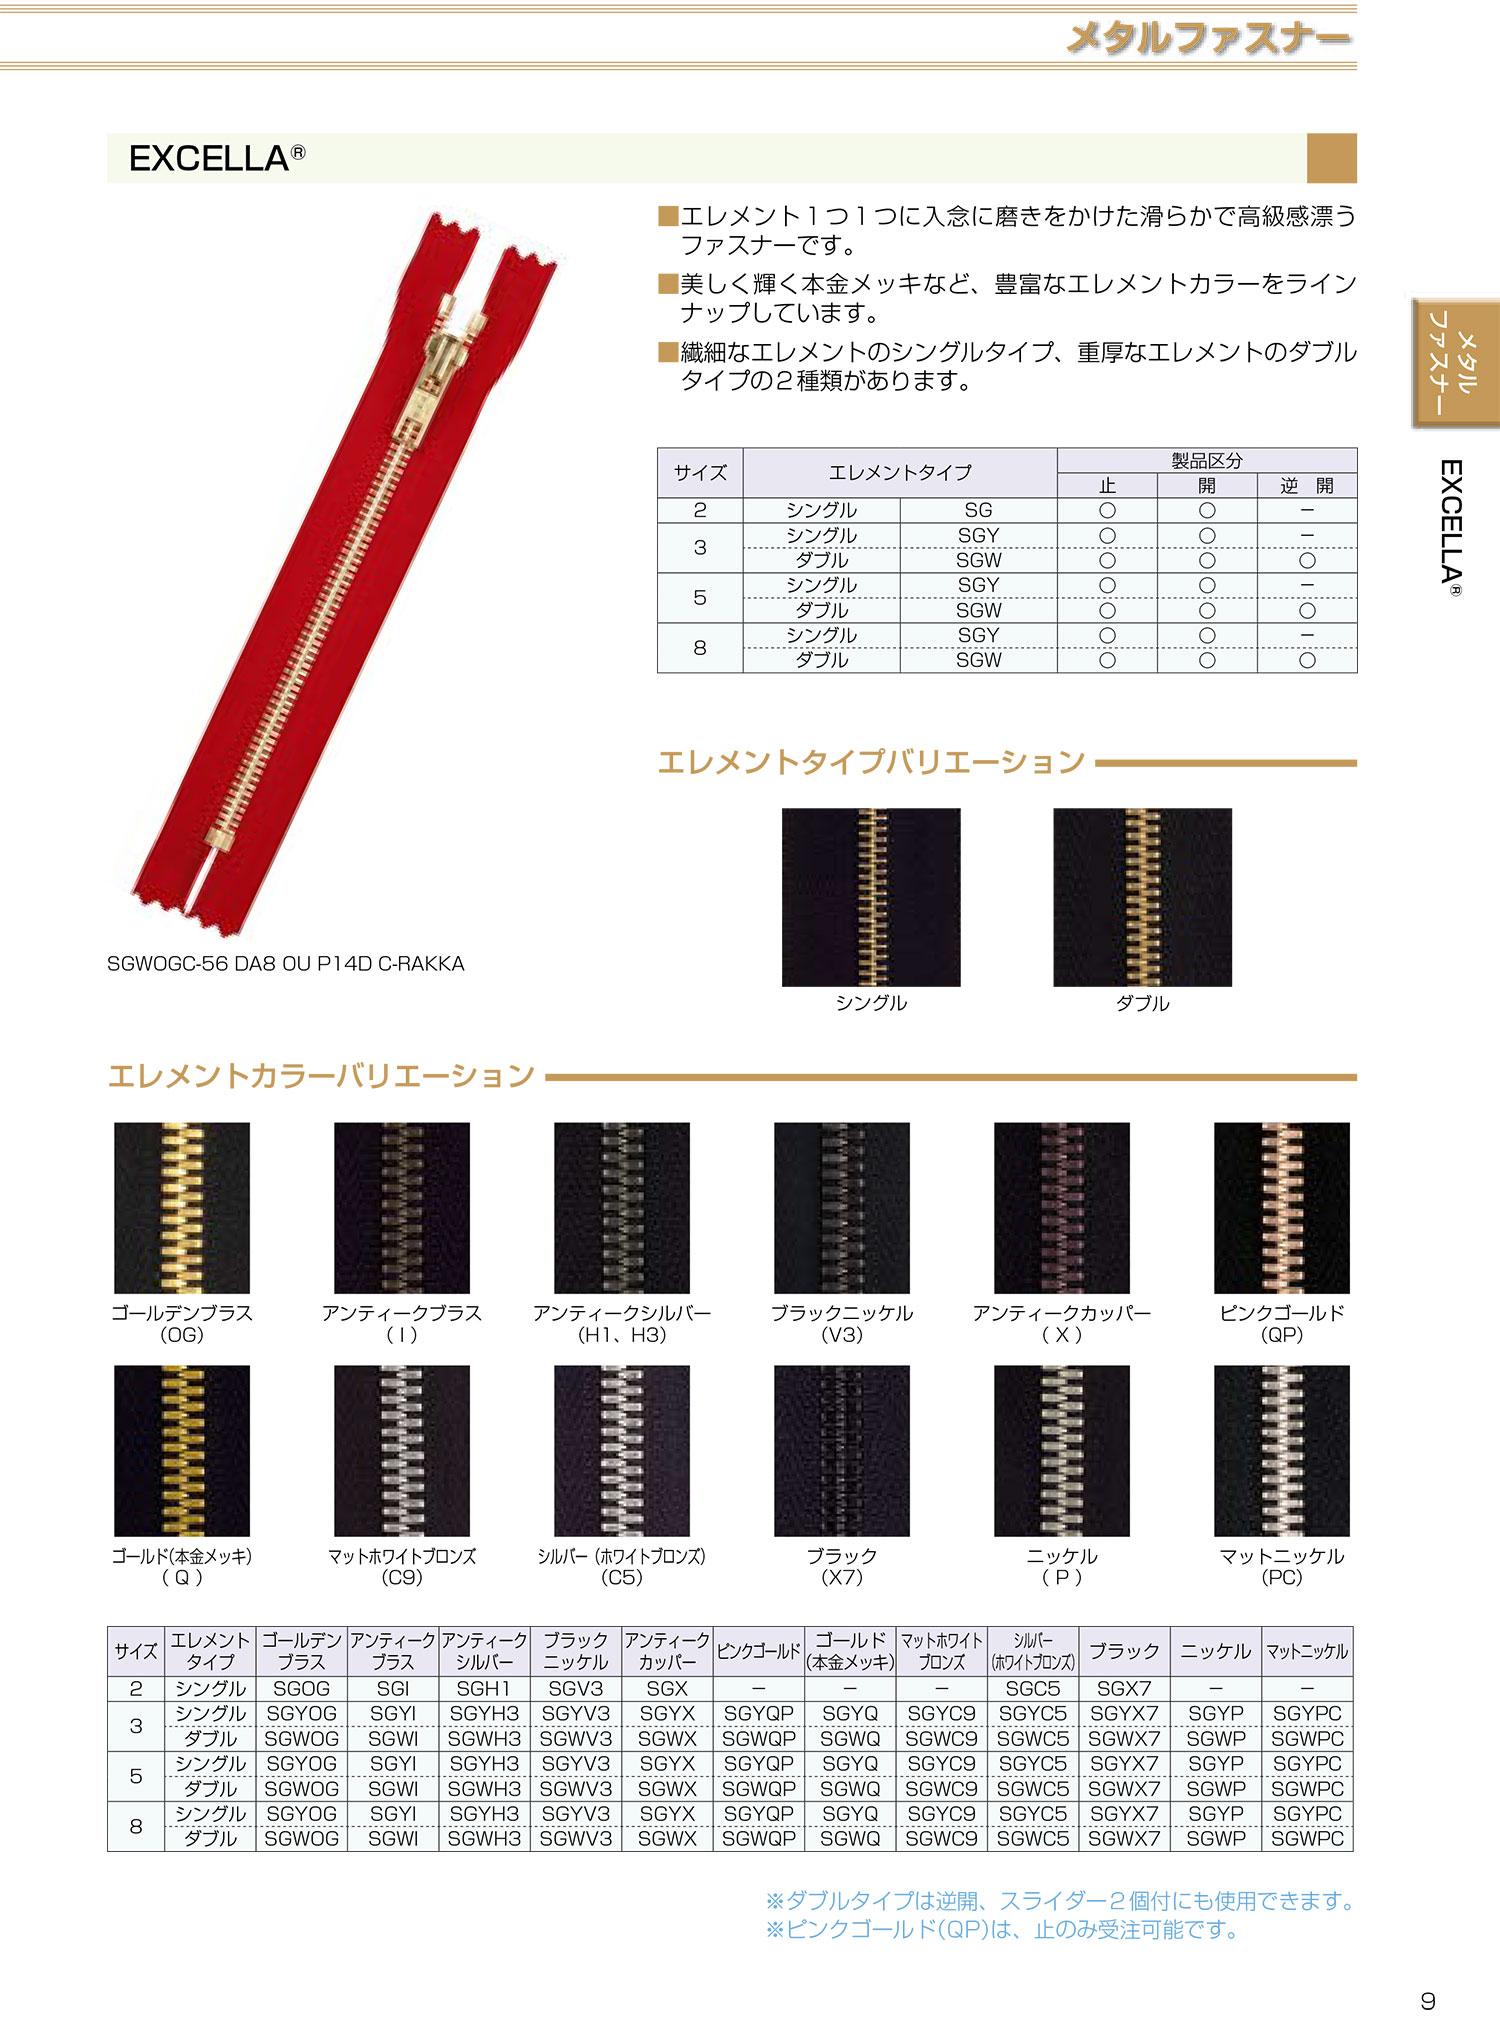 3SGWC9C エクセラ 3サイズ マットホワイトブロンズ 止め ダブル[ファスナー] YKK/オークラ商事 - ApparelX アパレル資材卸通販